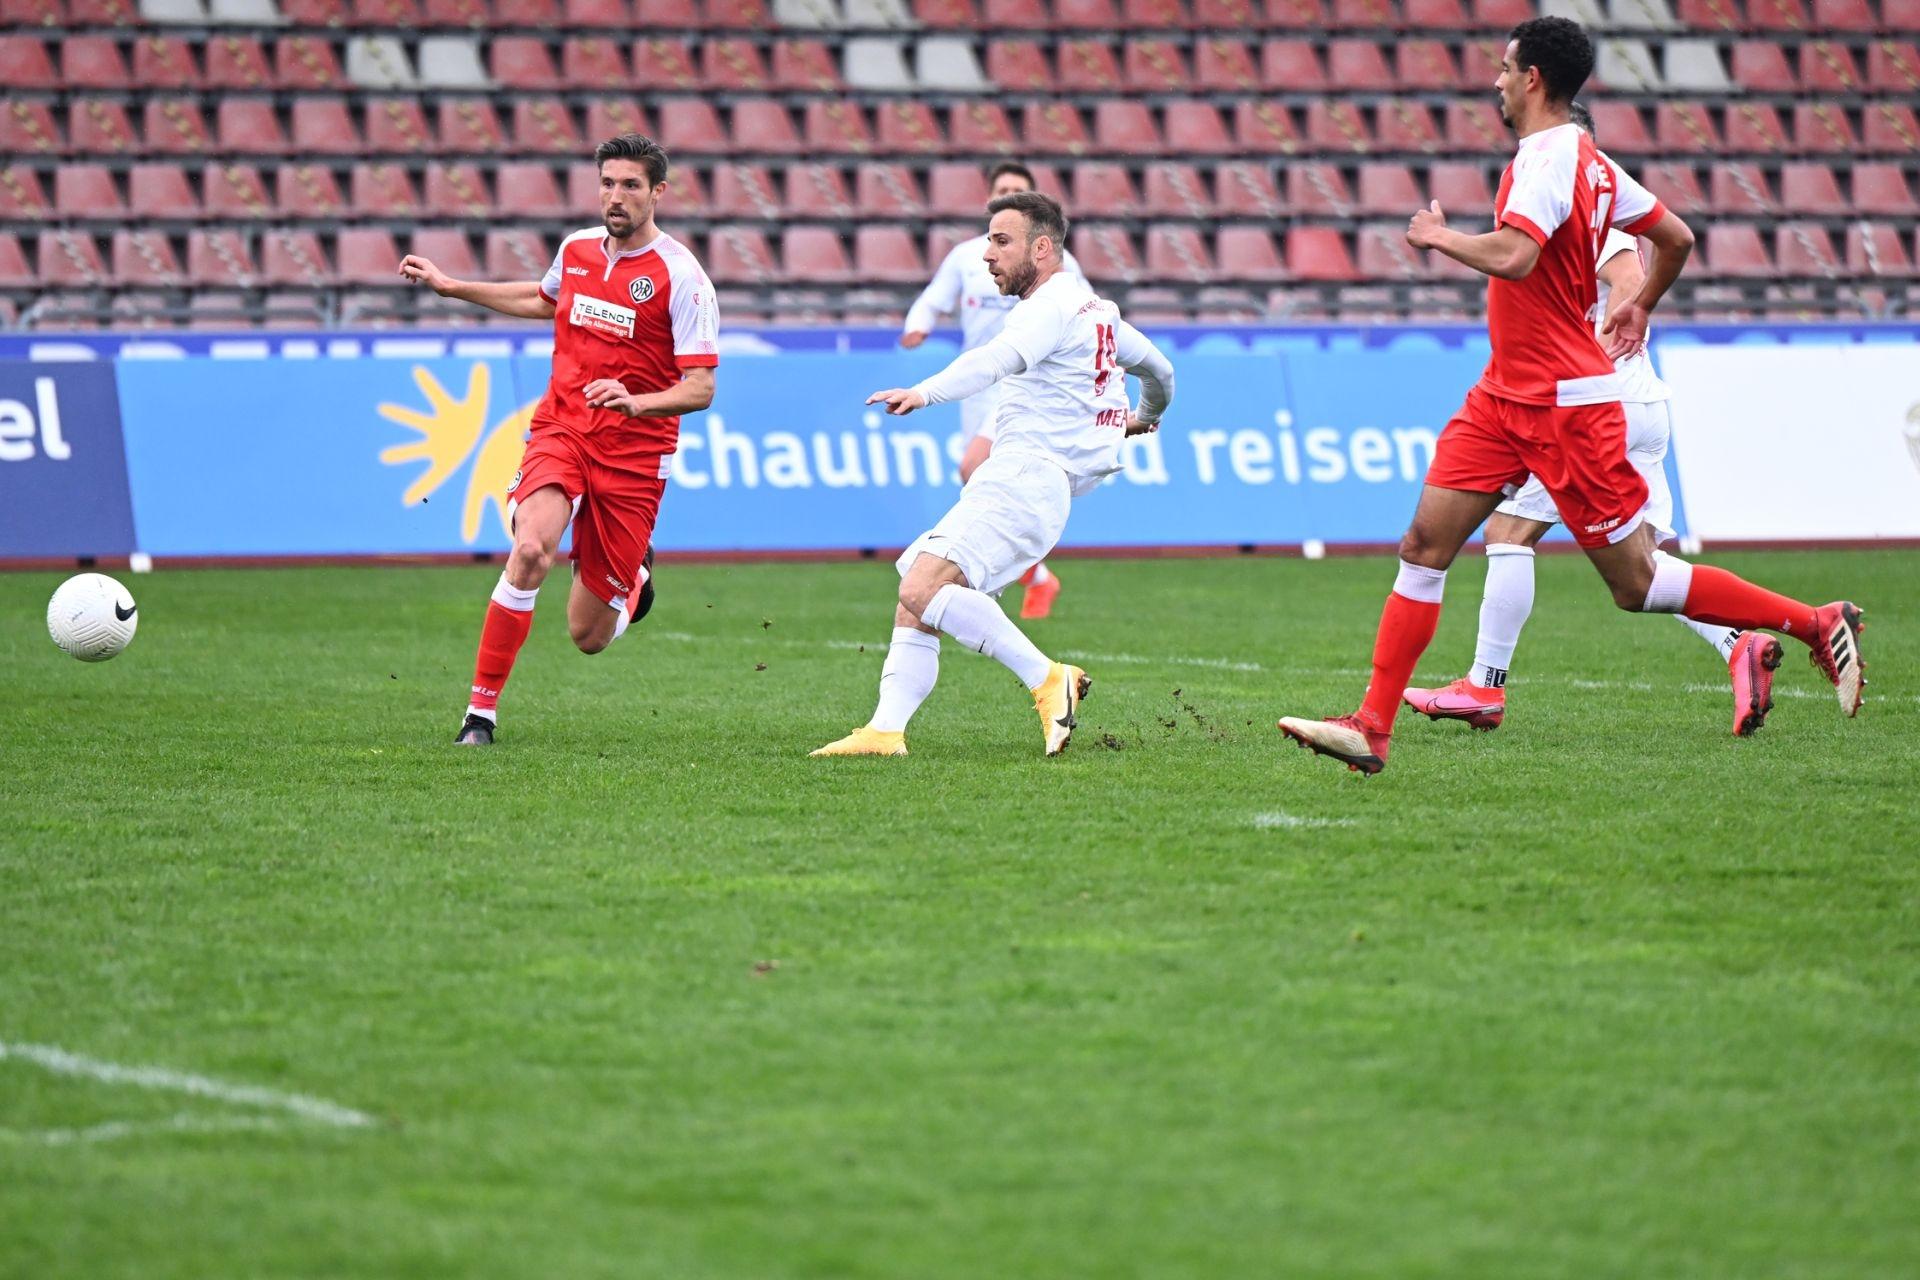 Regionalliga S�dwest 2020/21, KSV Hessen Kassel, VfR Aalen, Endstand 1:1, Torschuss zum 1:0